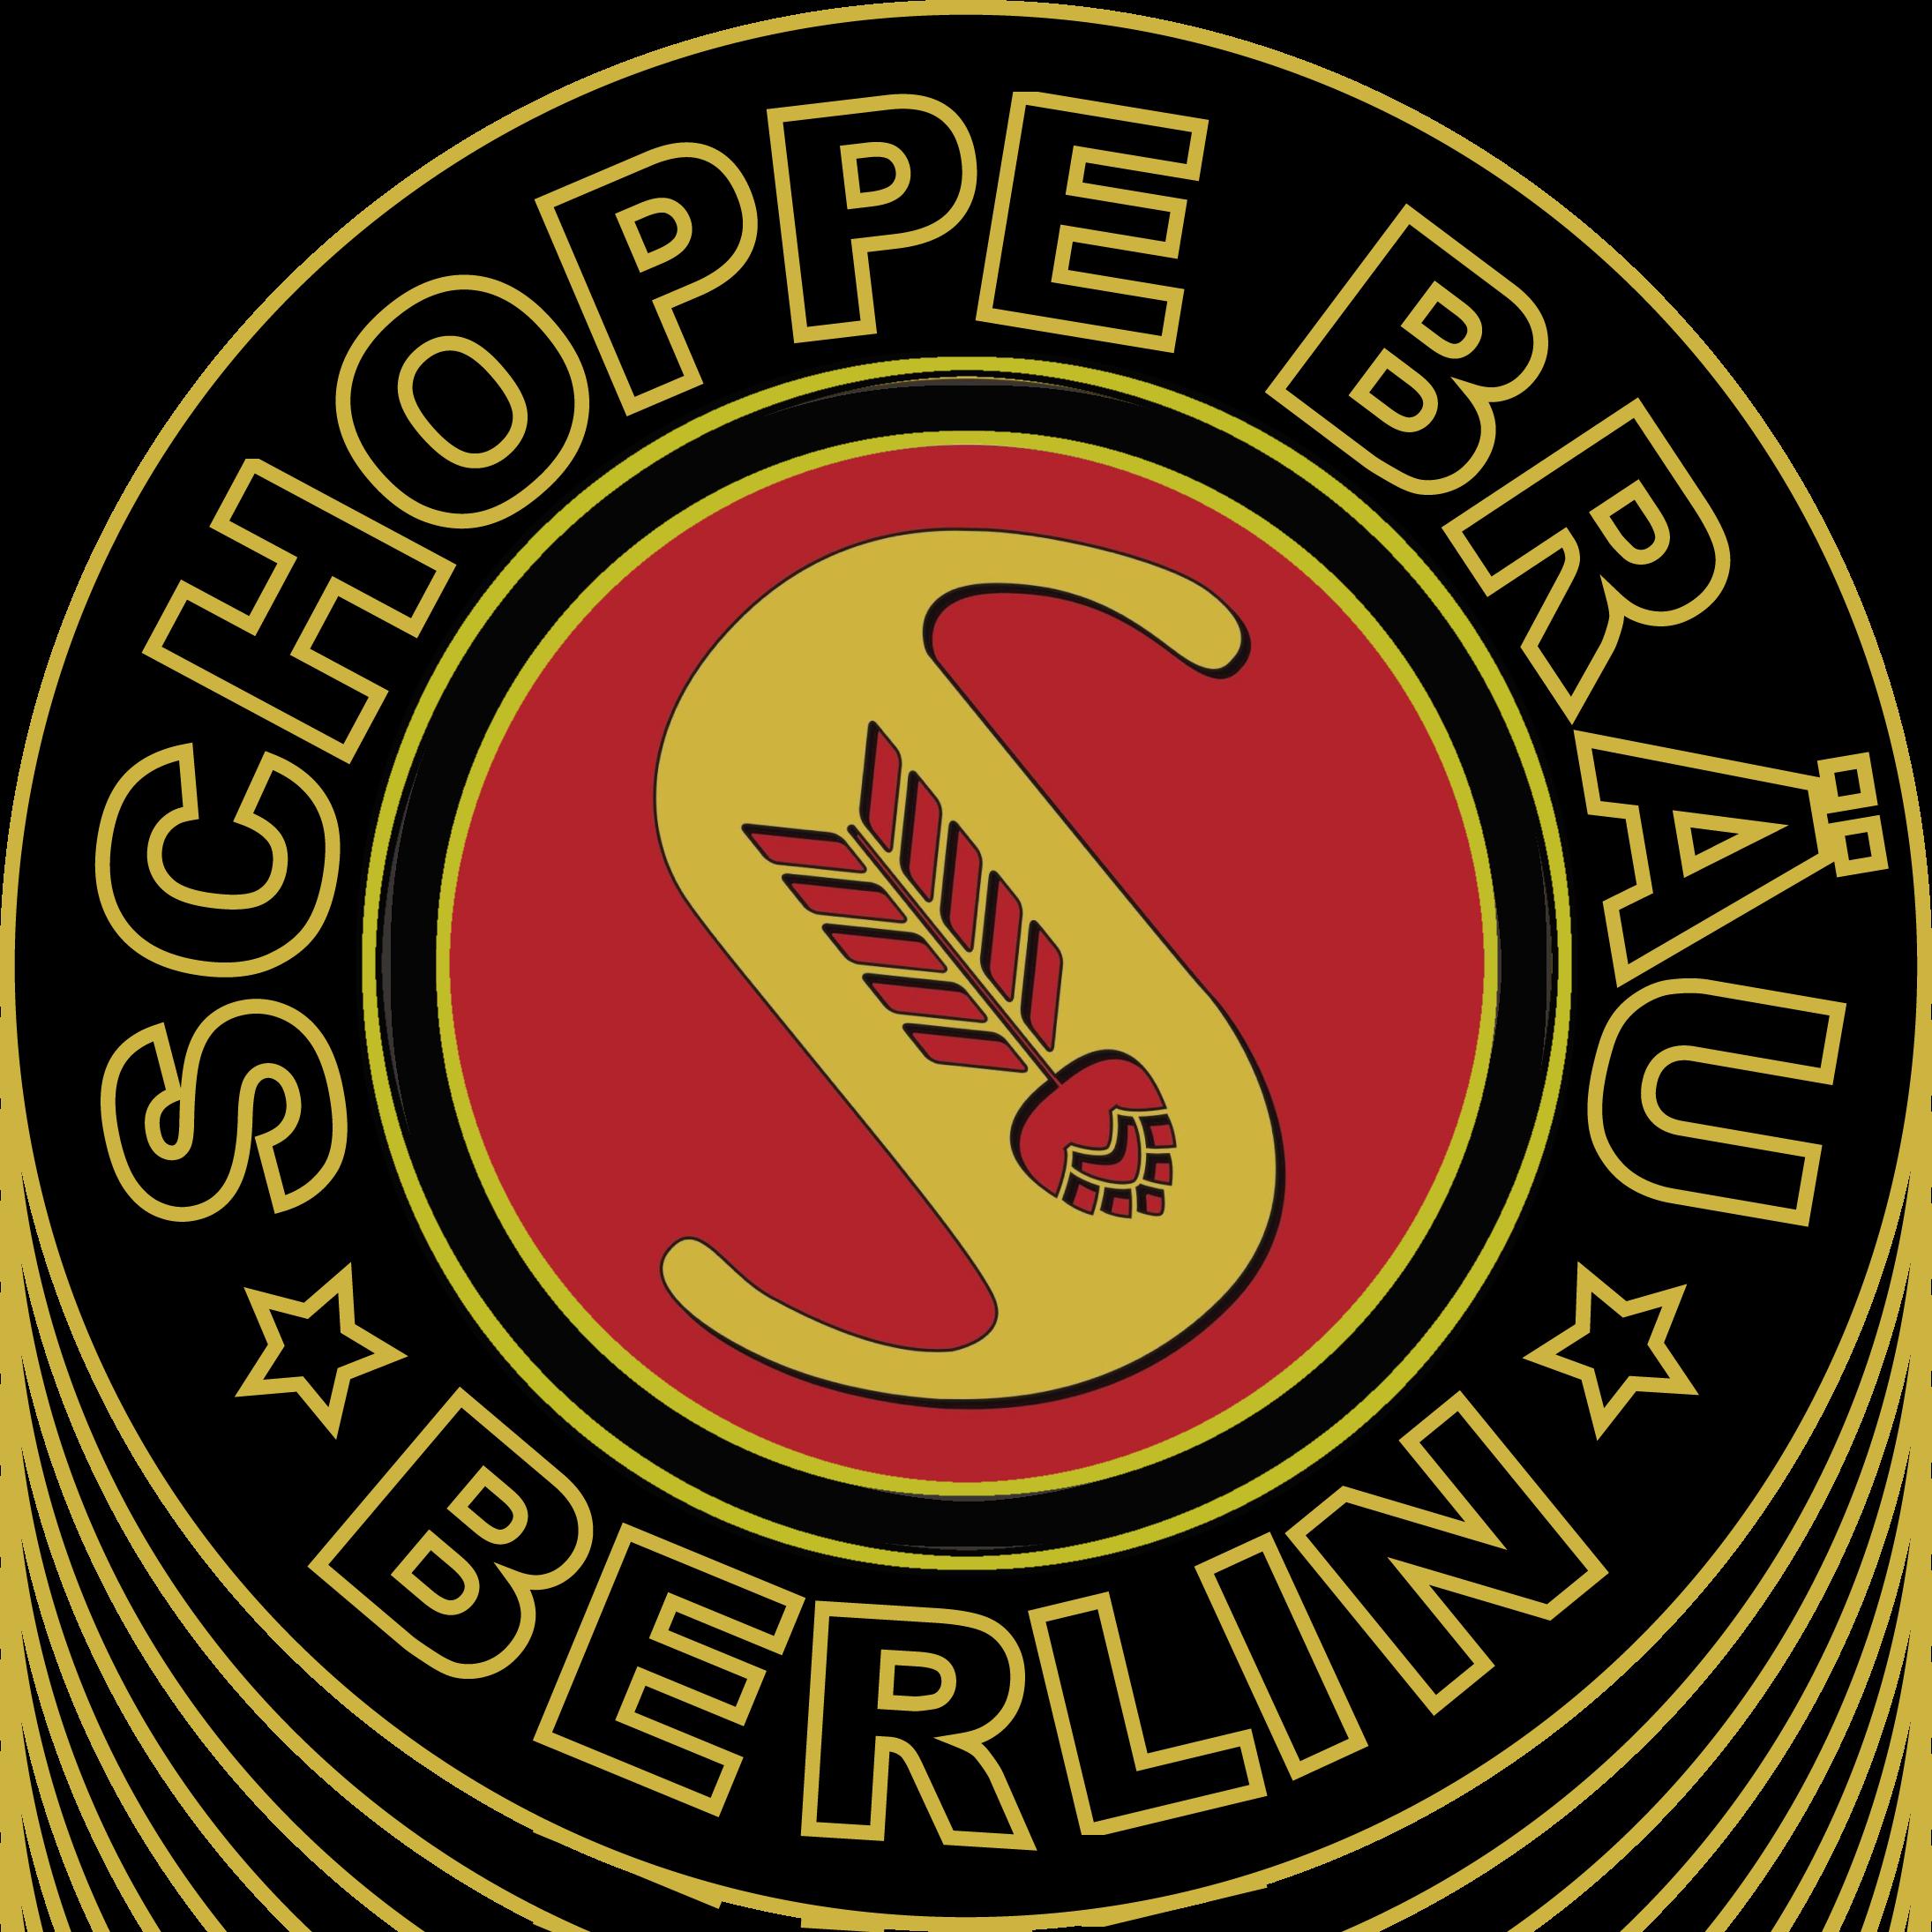 Neu im Sortiment: Schoppe Bräu